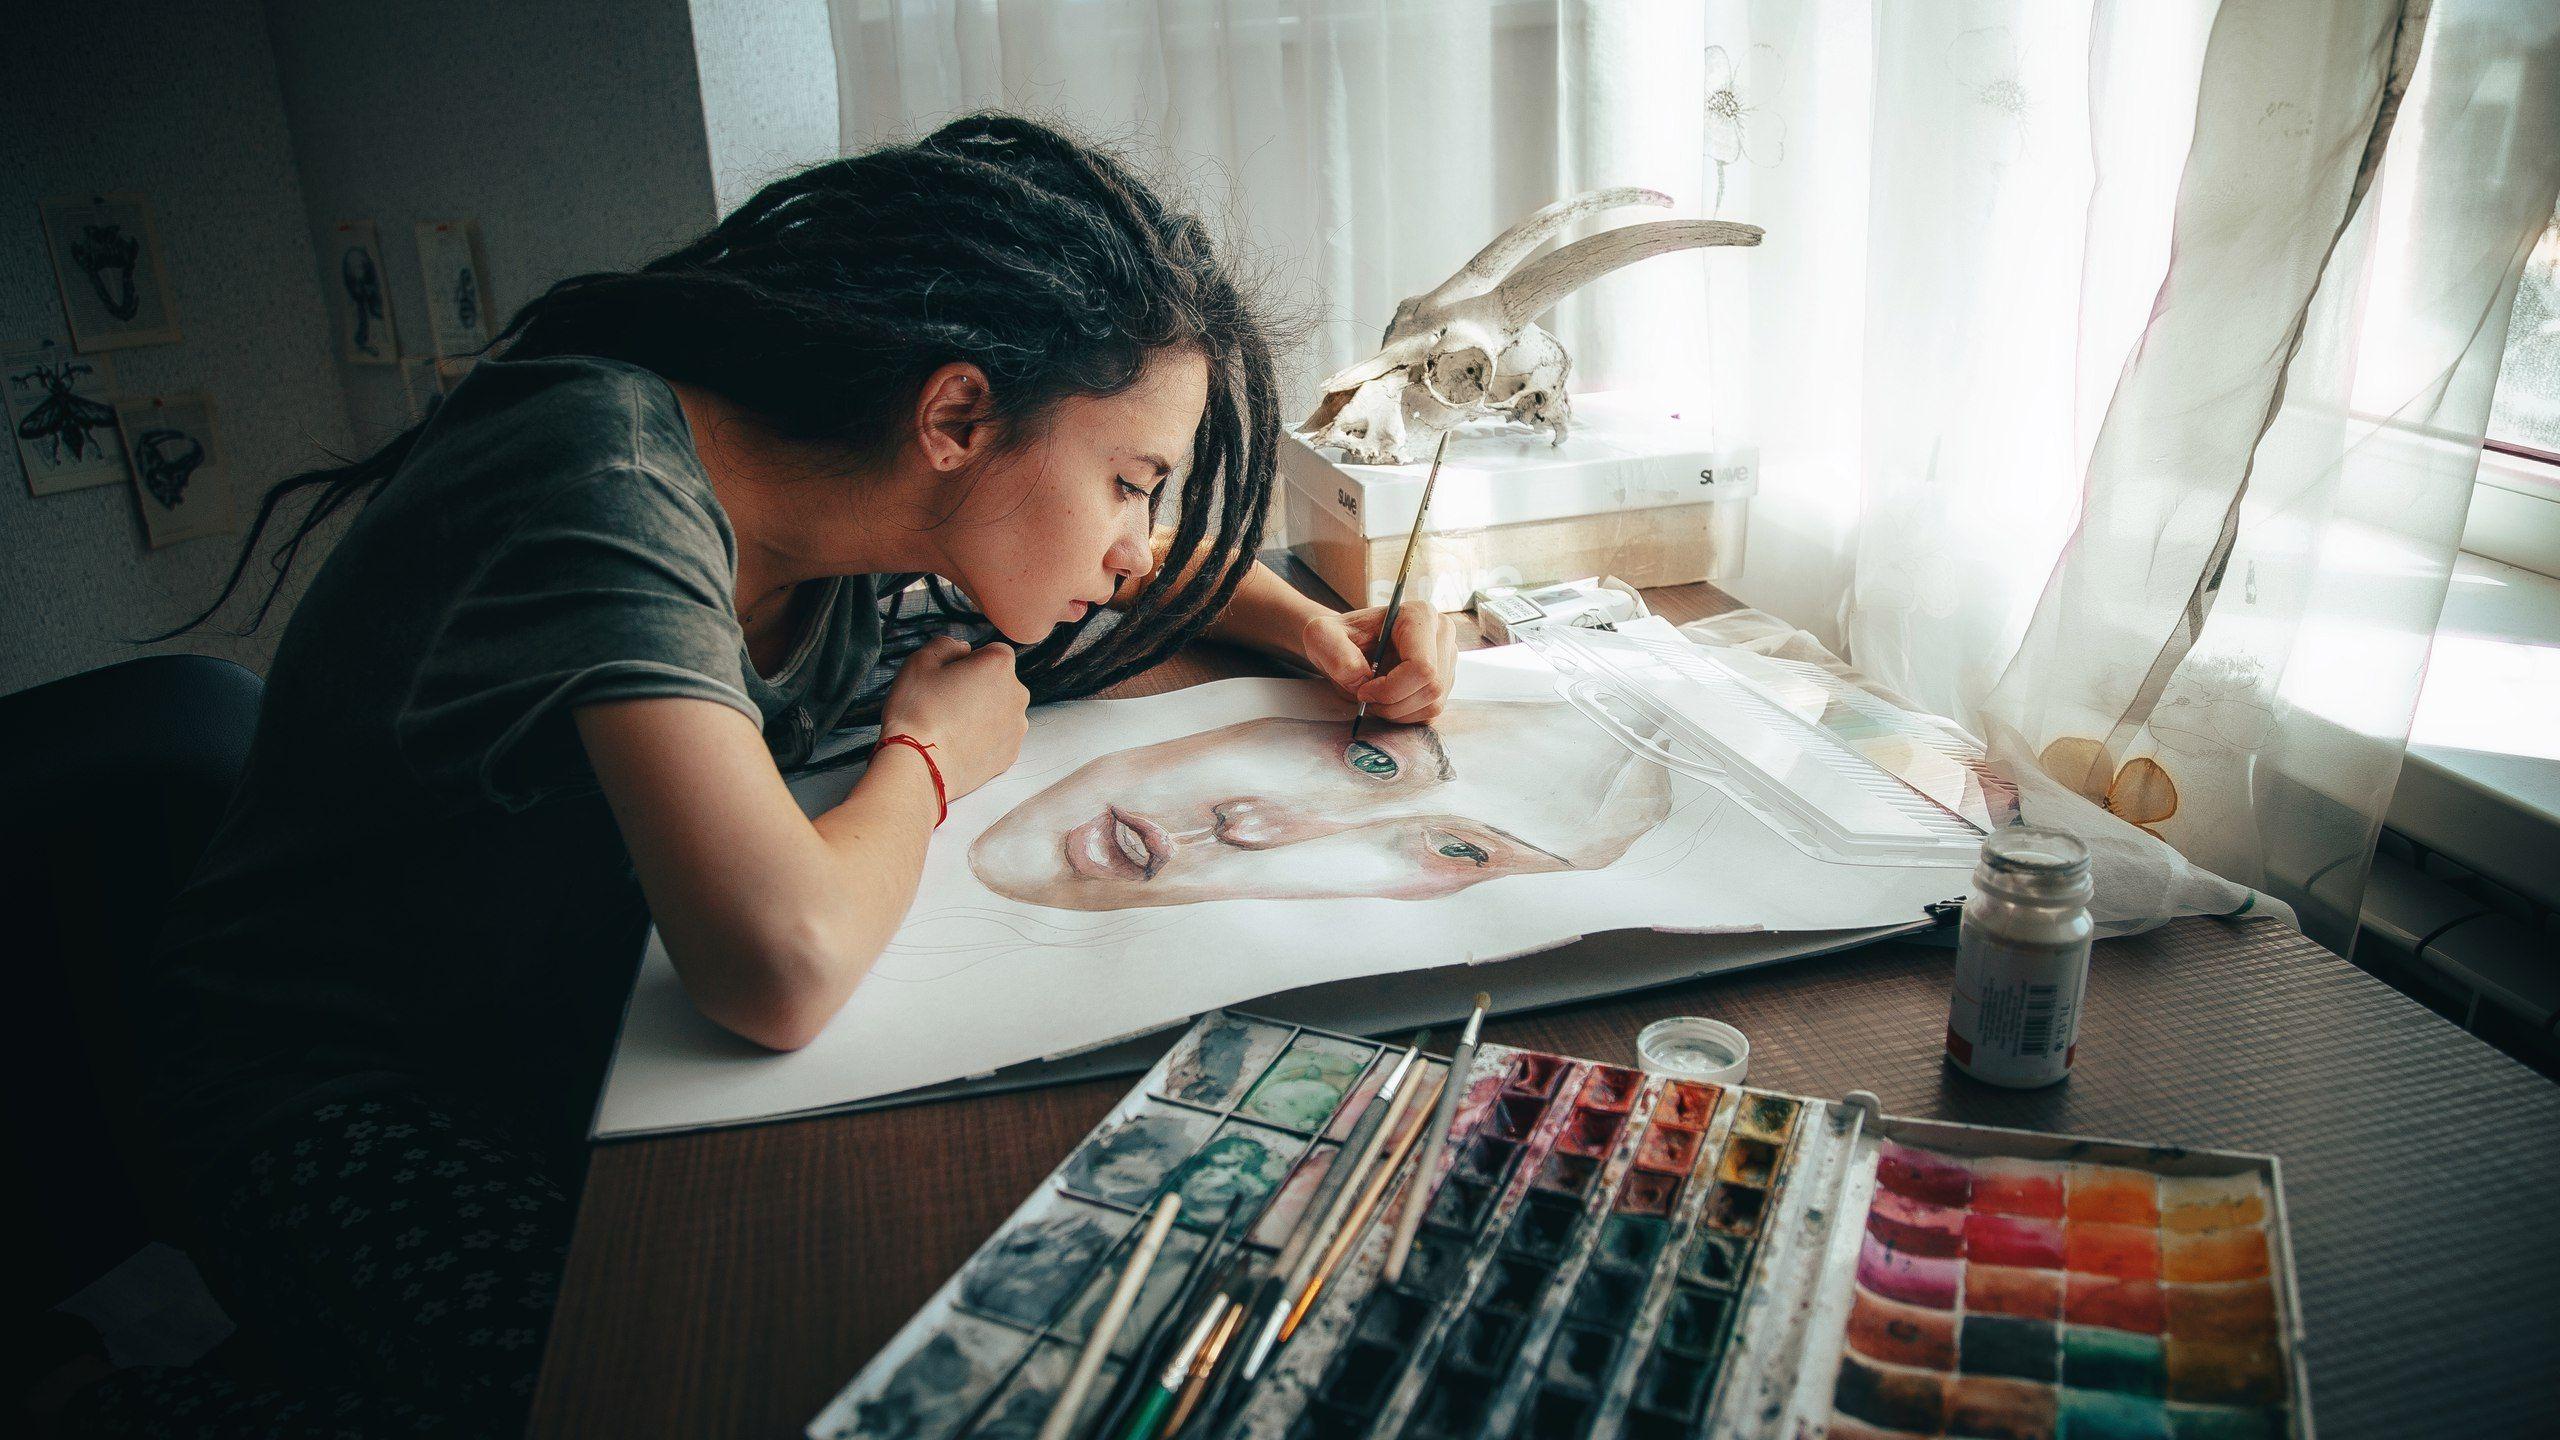 портрет, девушка, художник, краски, рисунок, арт, Васильев Андрей